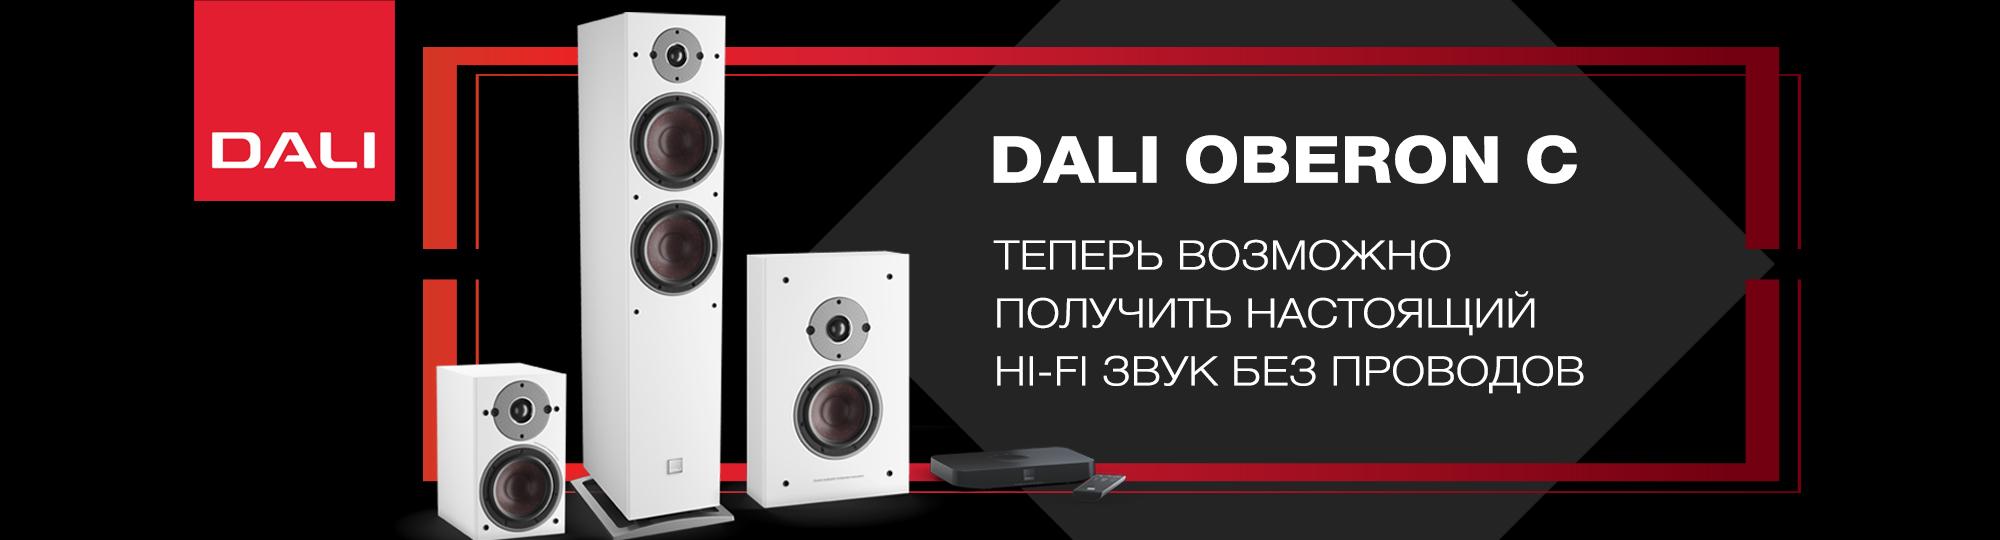 DALI Oberon C: беспроводной Hi-Fi